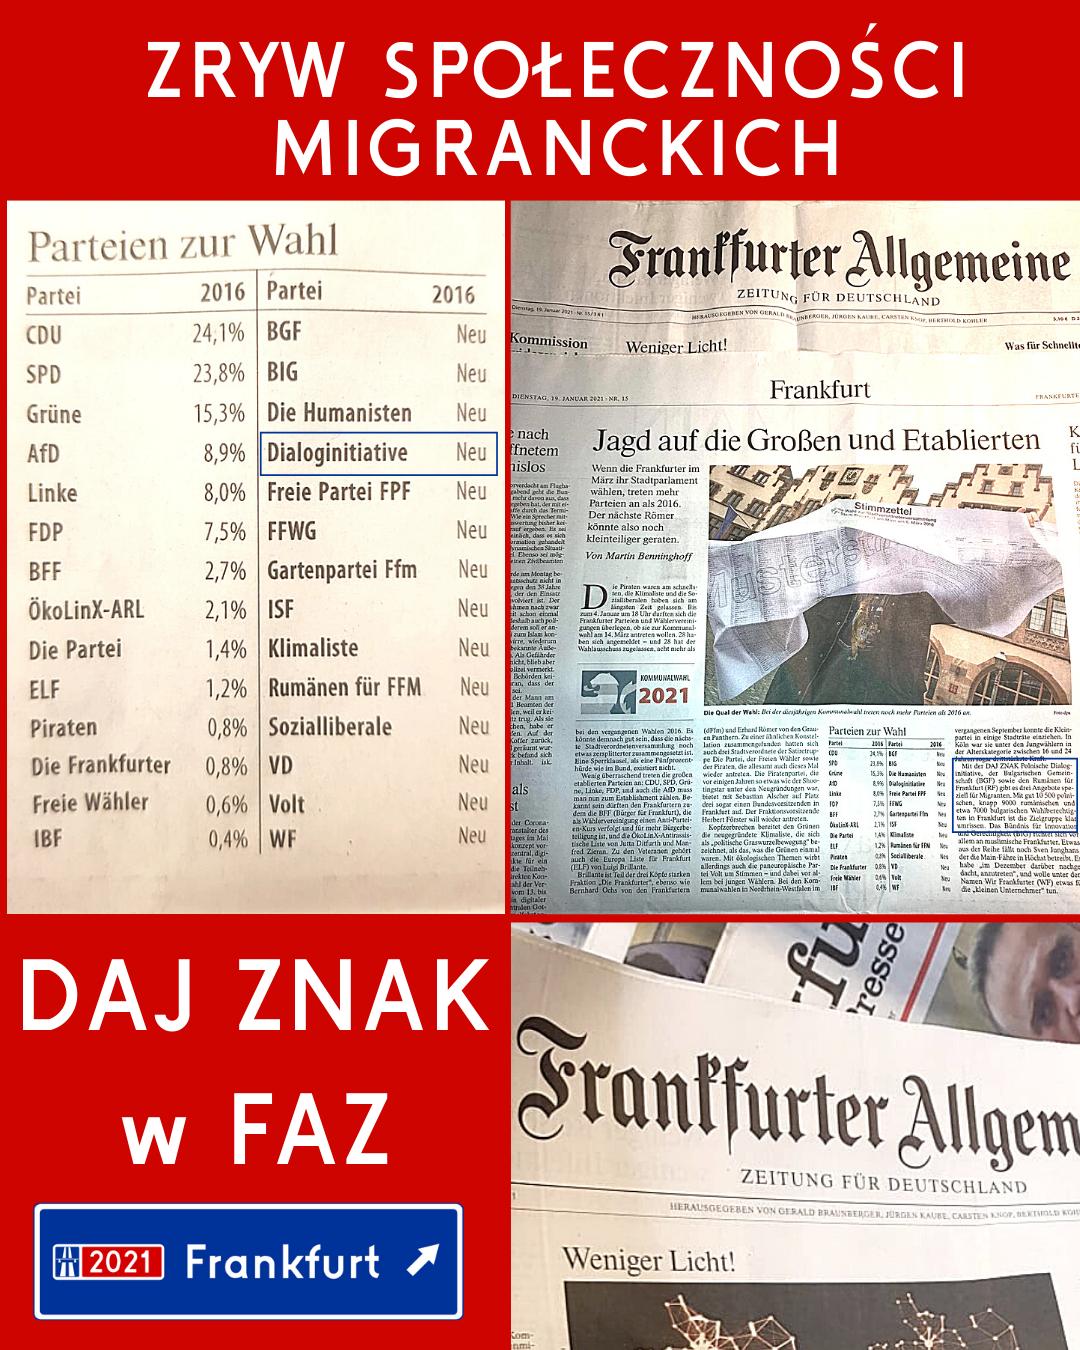 Zryw społeczności migranckich